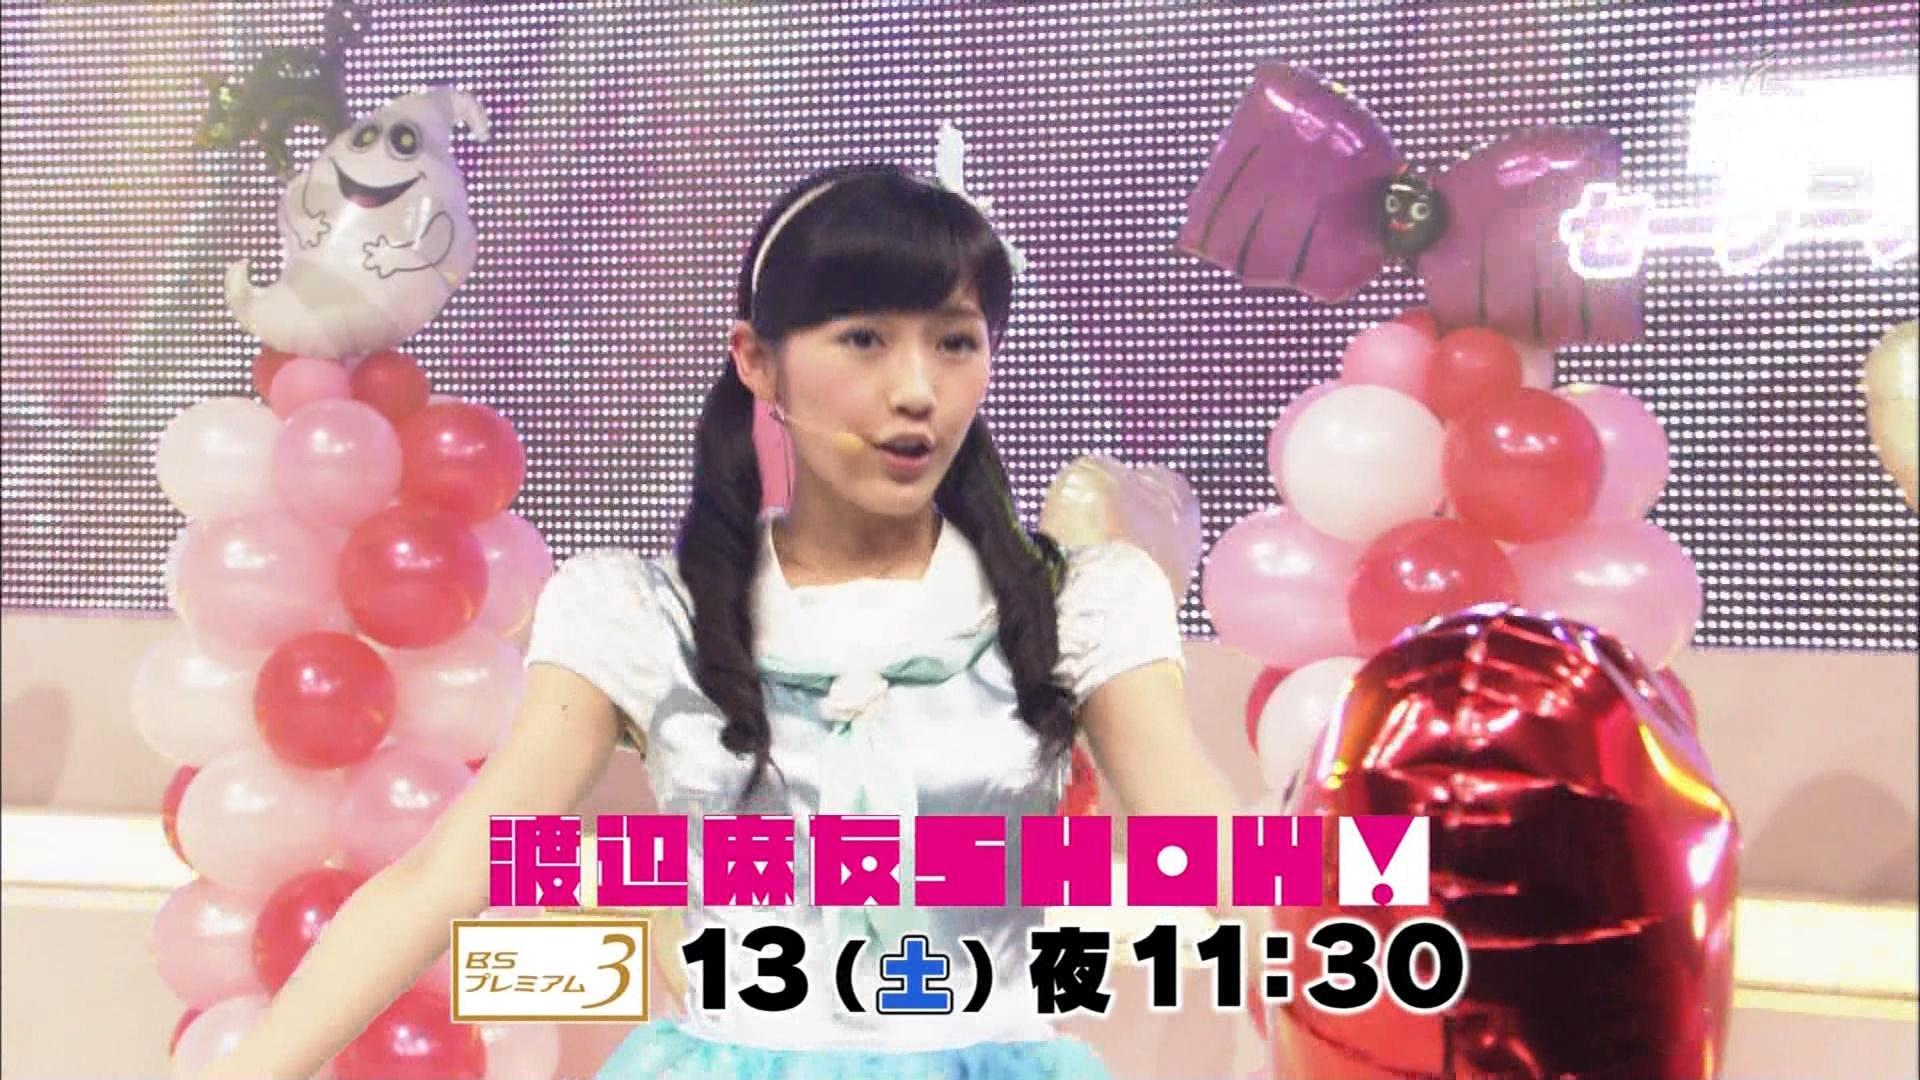 渡辺麻友SHOW!予告 AKB48SHOW! 20140906 (14)